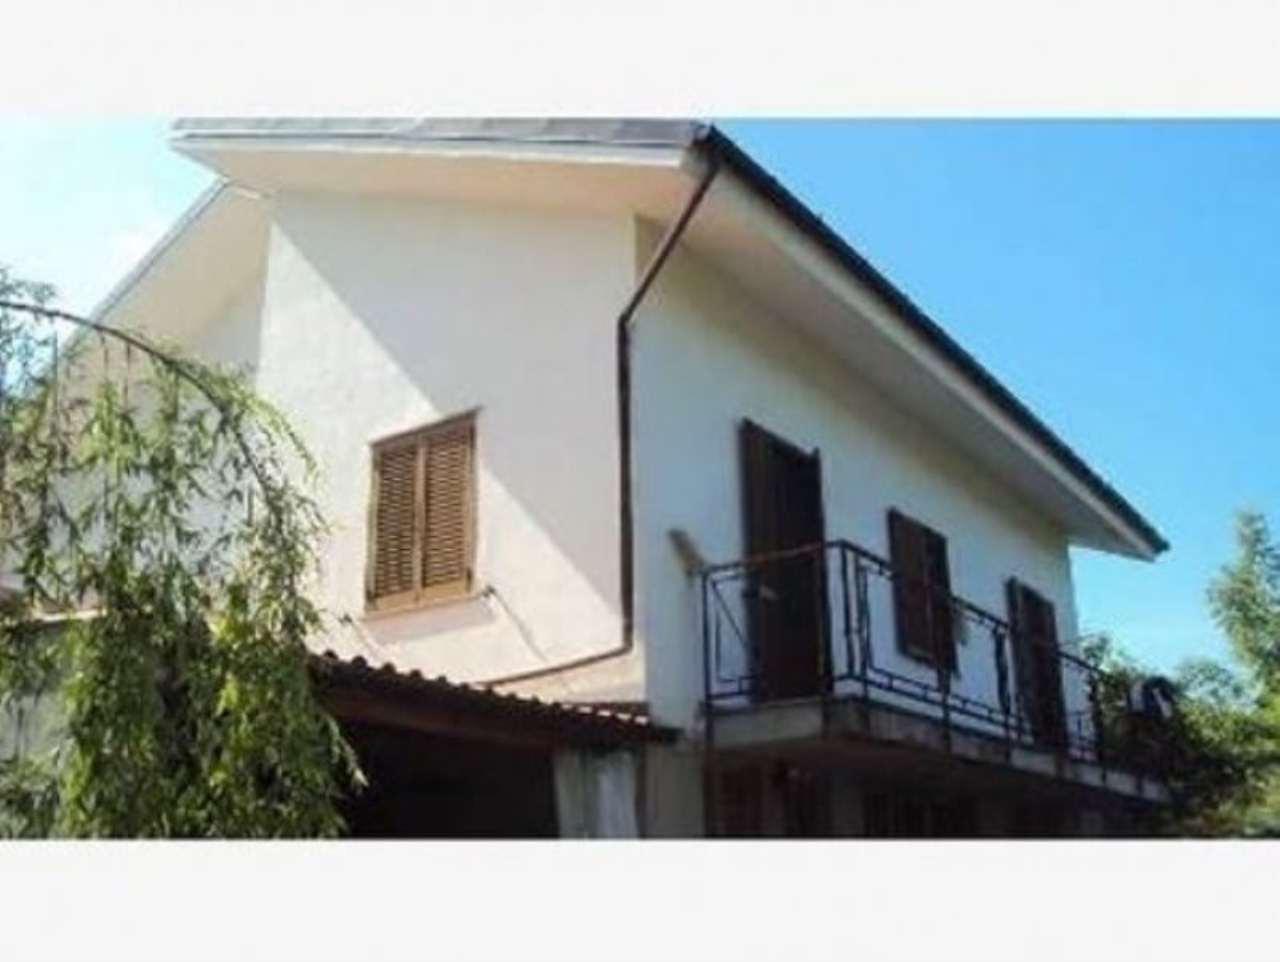 Villa in vendita a Berzano di San Pietro, 6 locali, prezzo € 195.000 | Cambio Casa.it